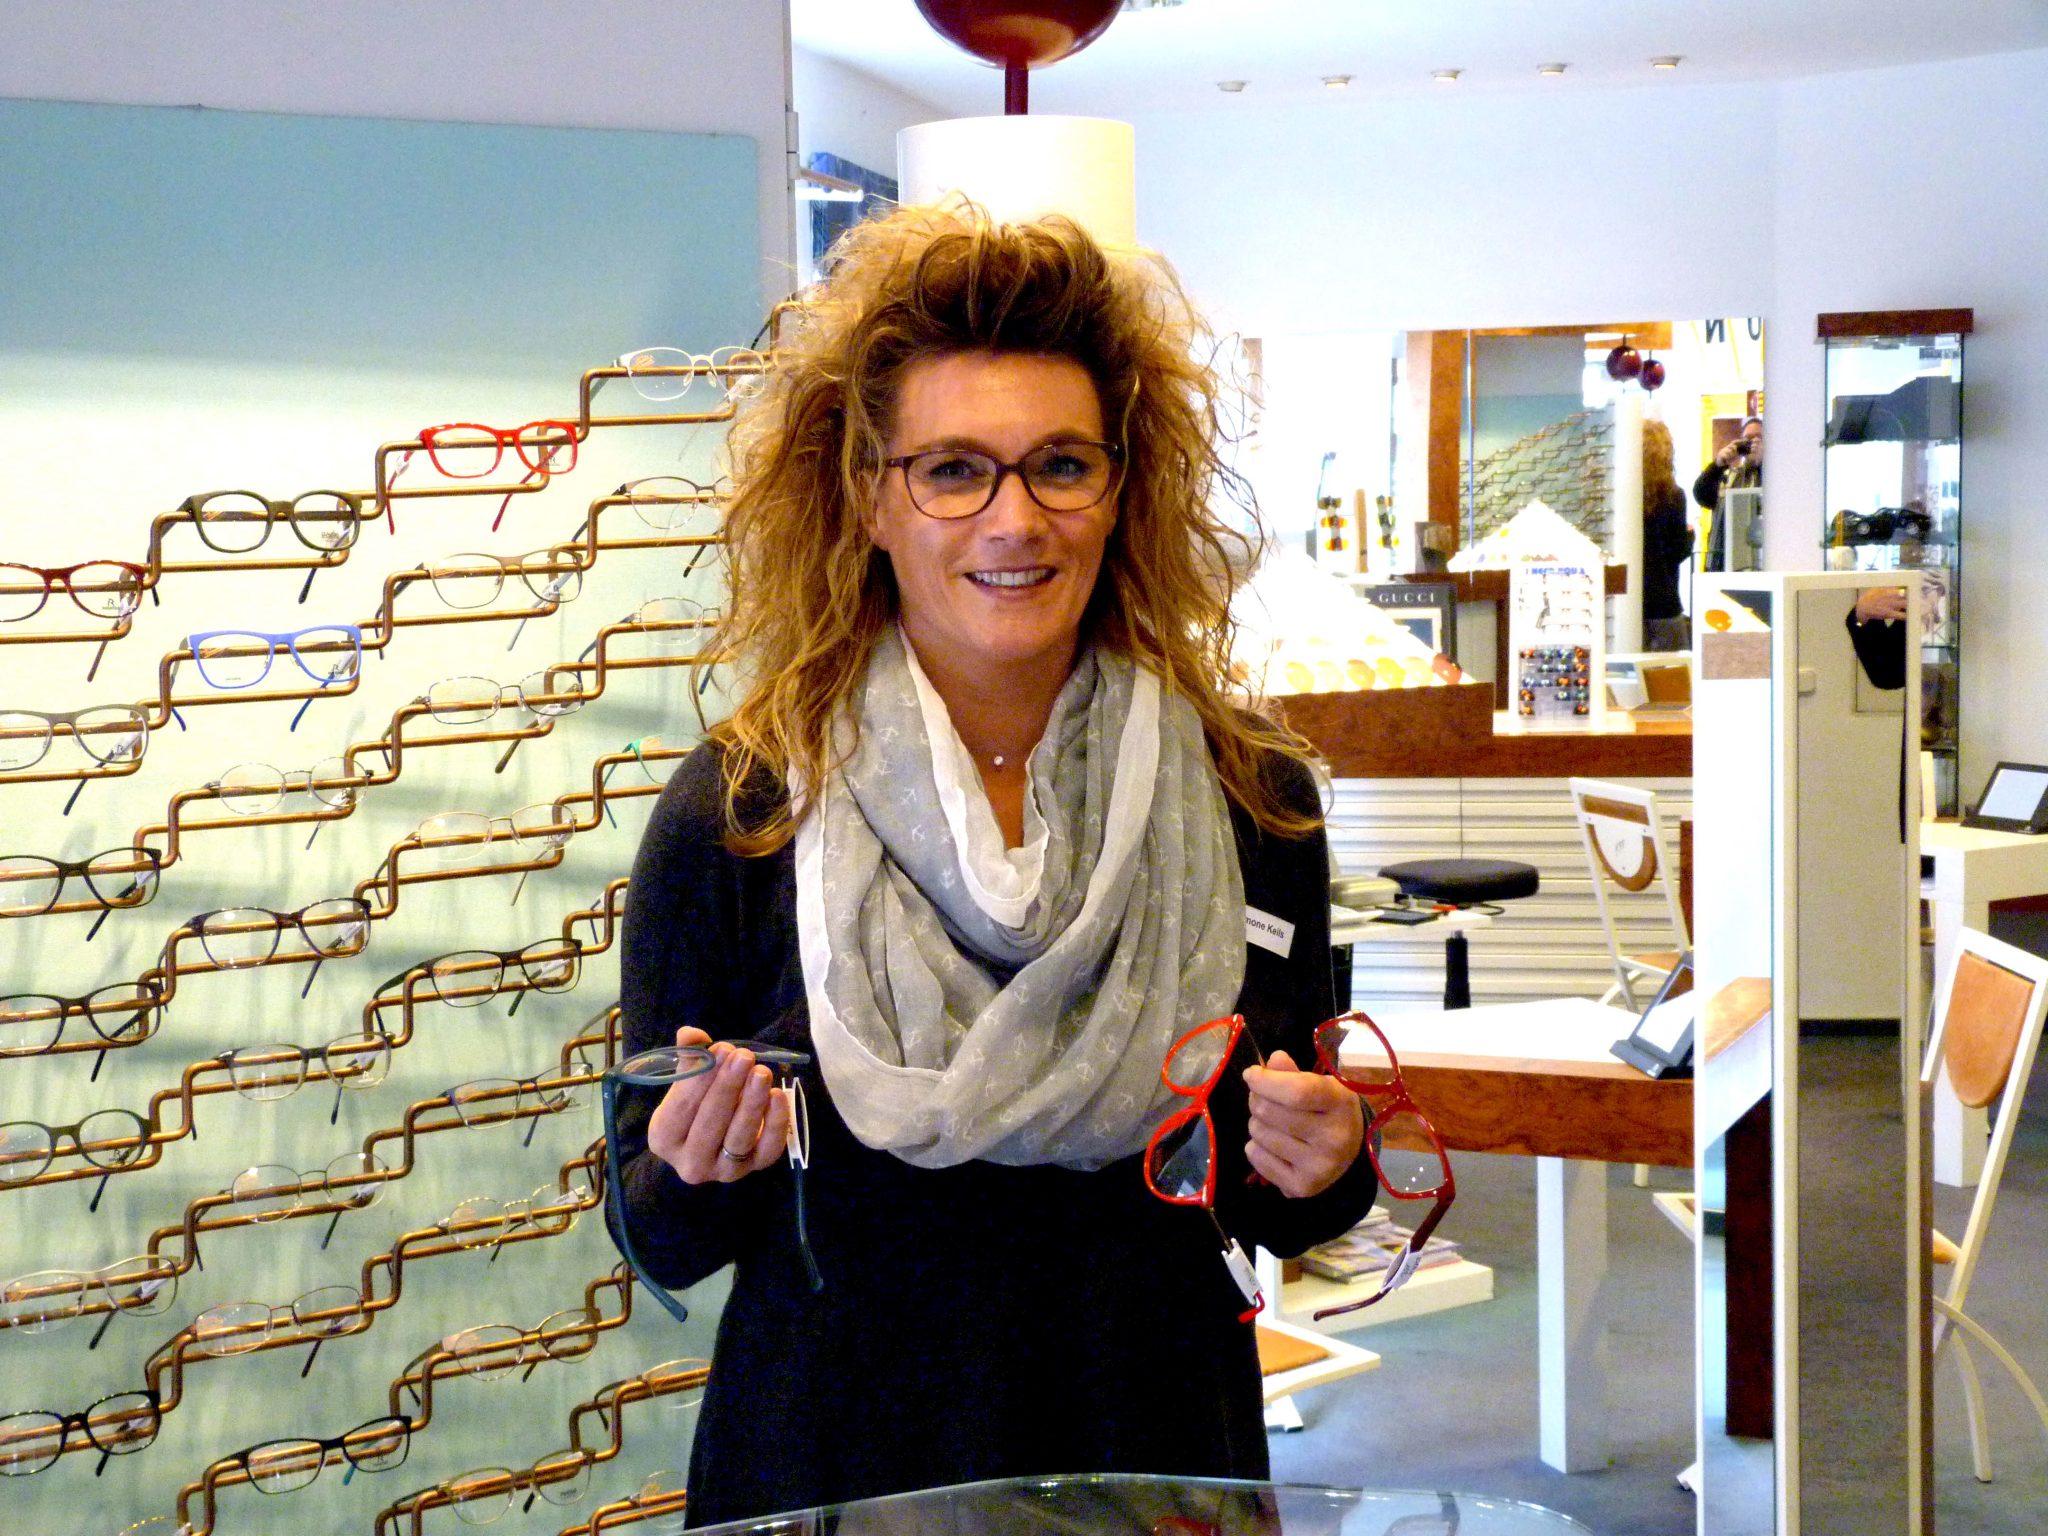 Simone Keils